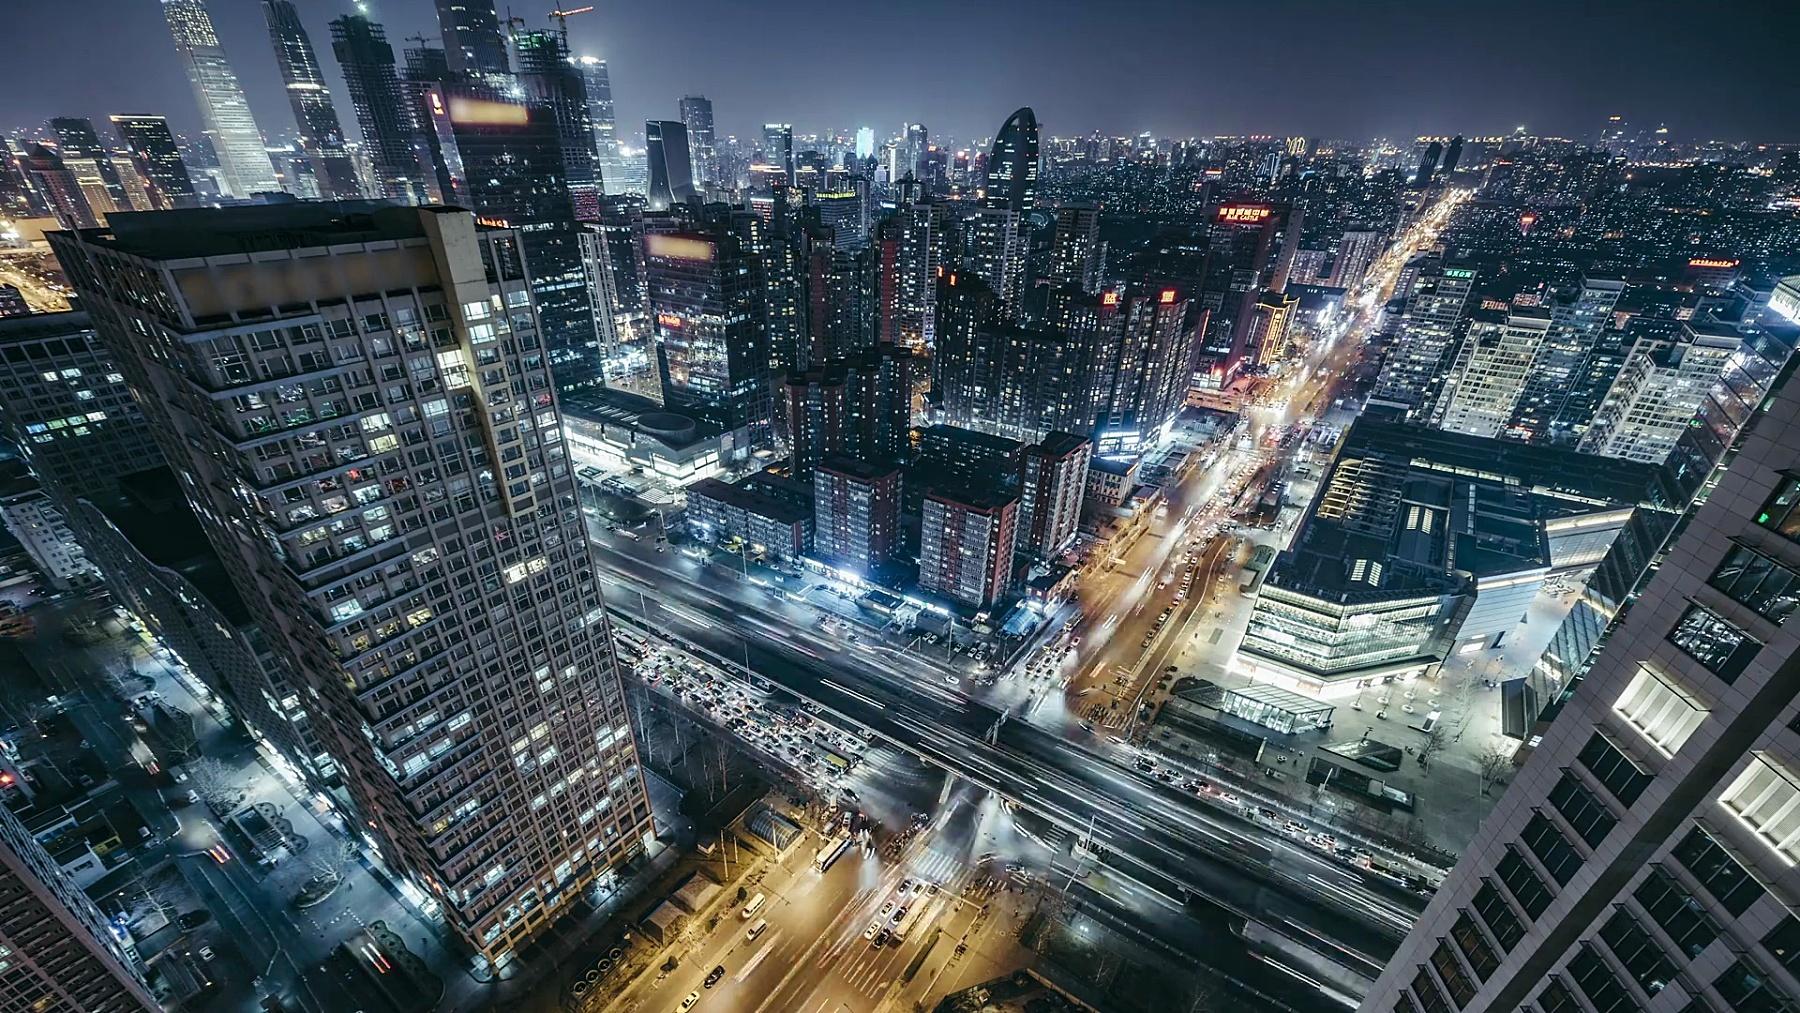 T/L WS HA鸟瞰北京天际线和夜间城市交通/北京,中国